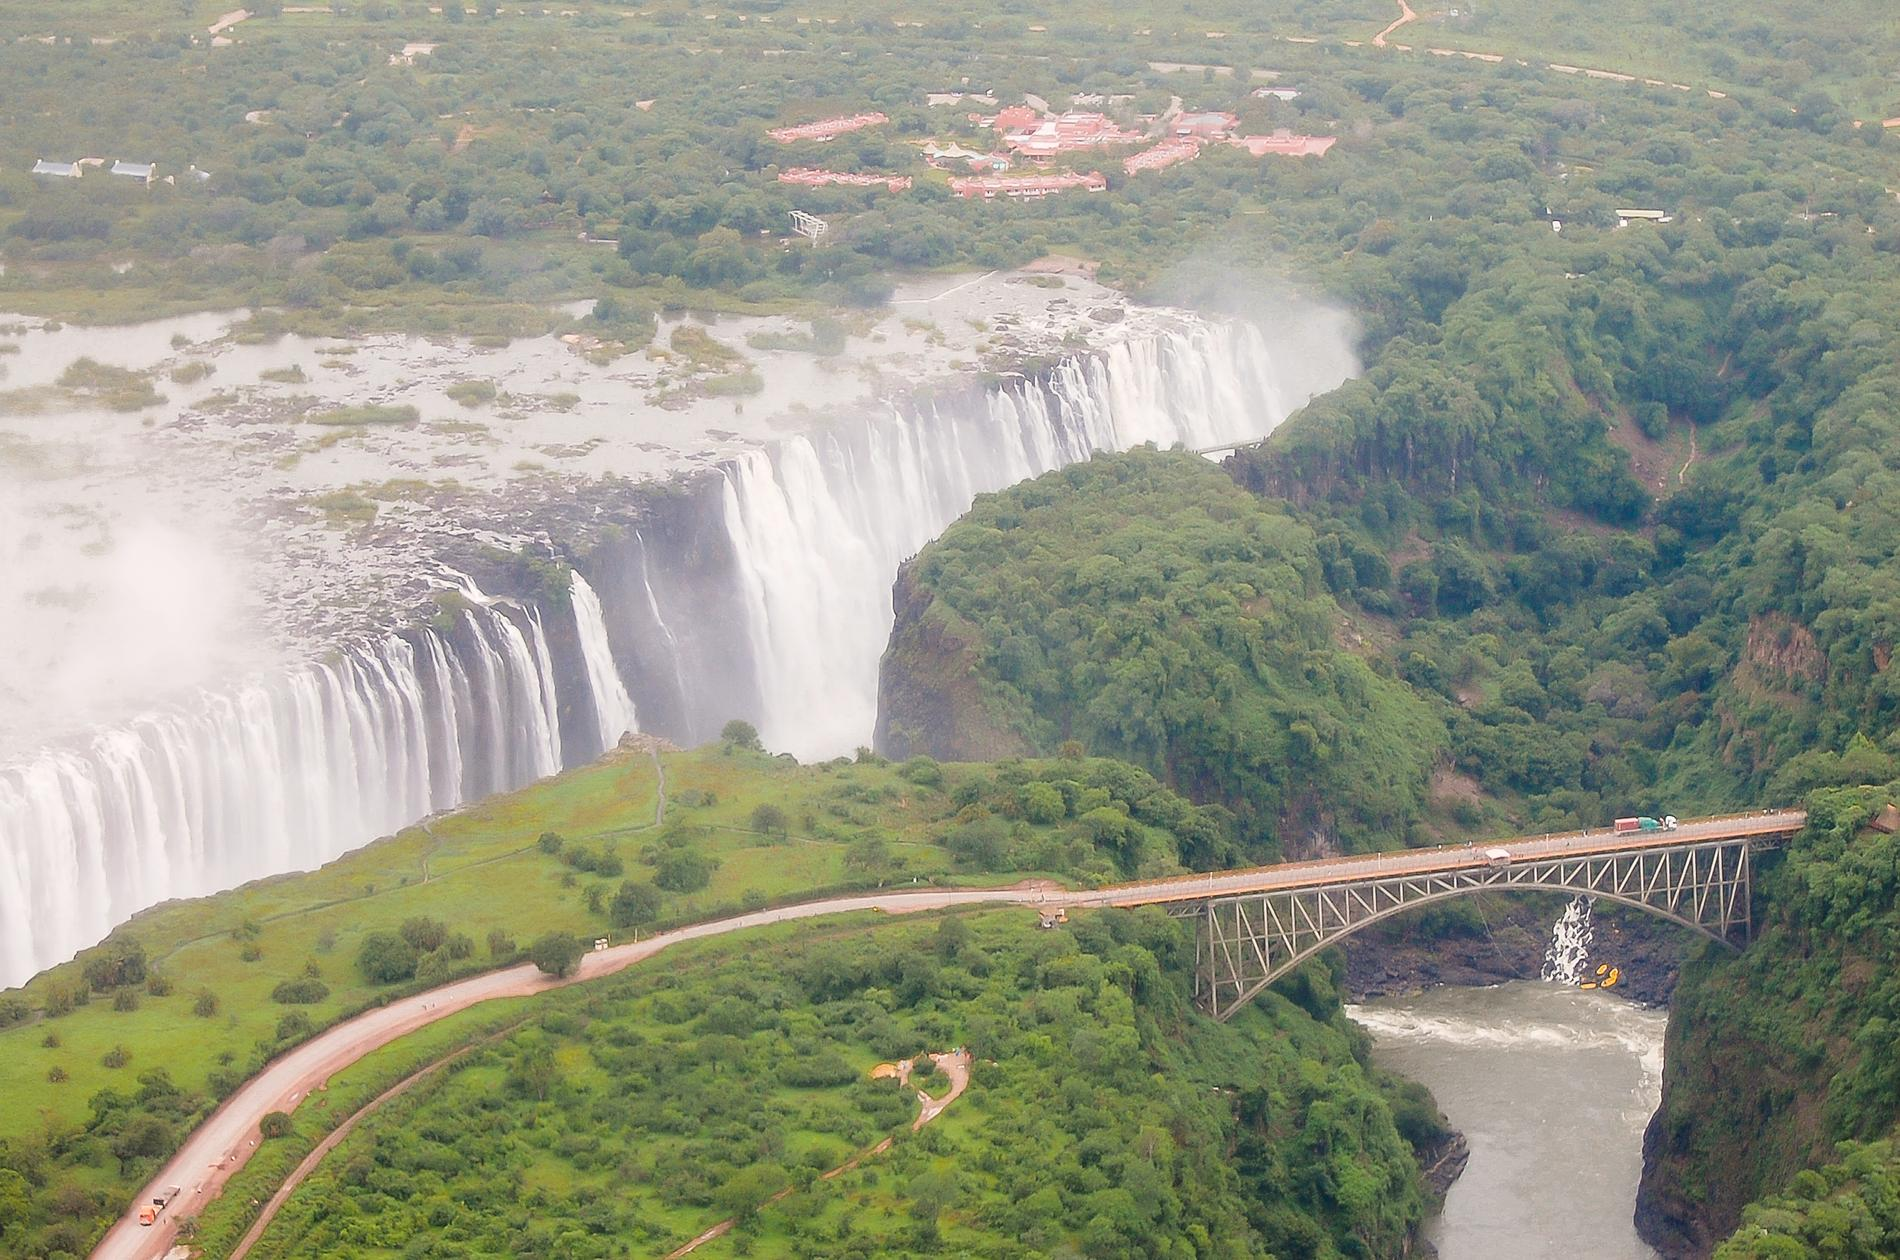 Vad sägs om att beundra detta stora vattenfall?